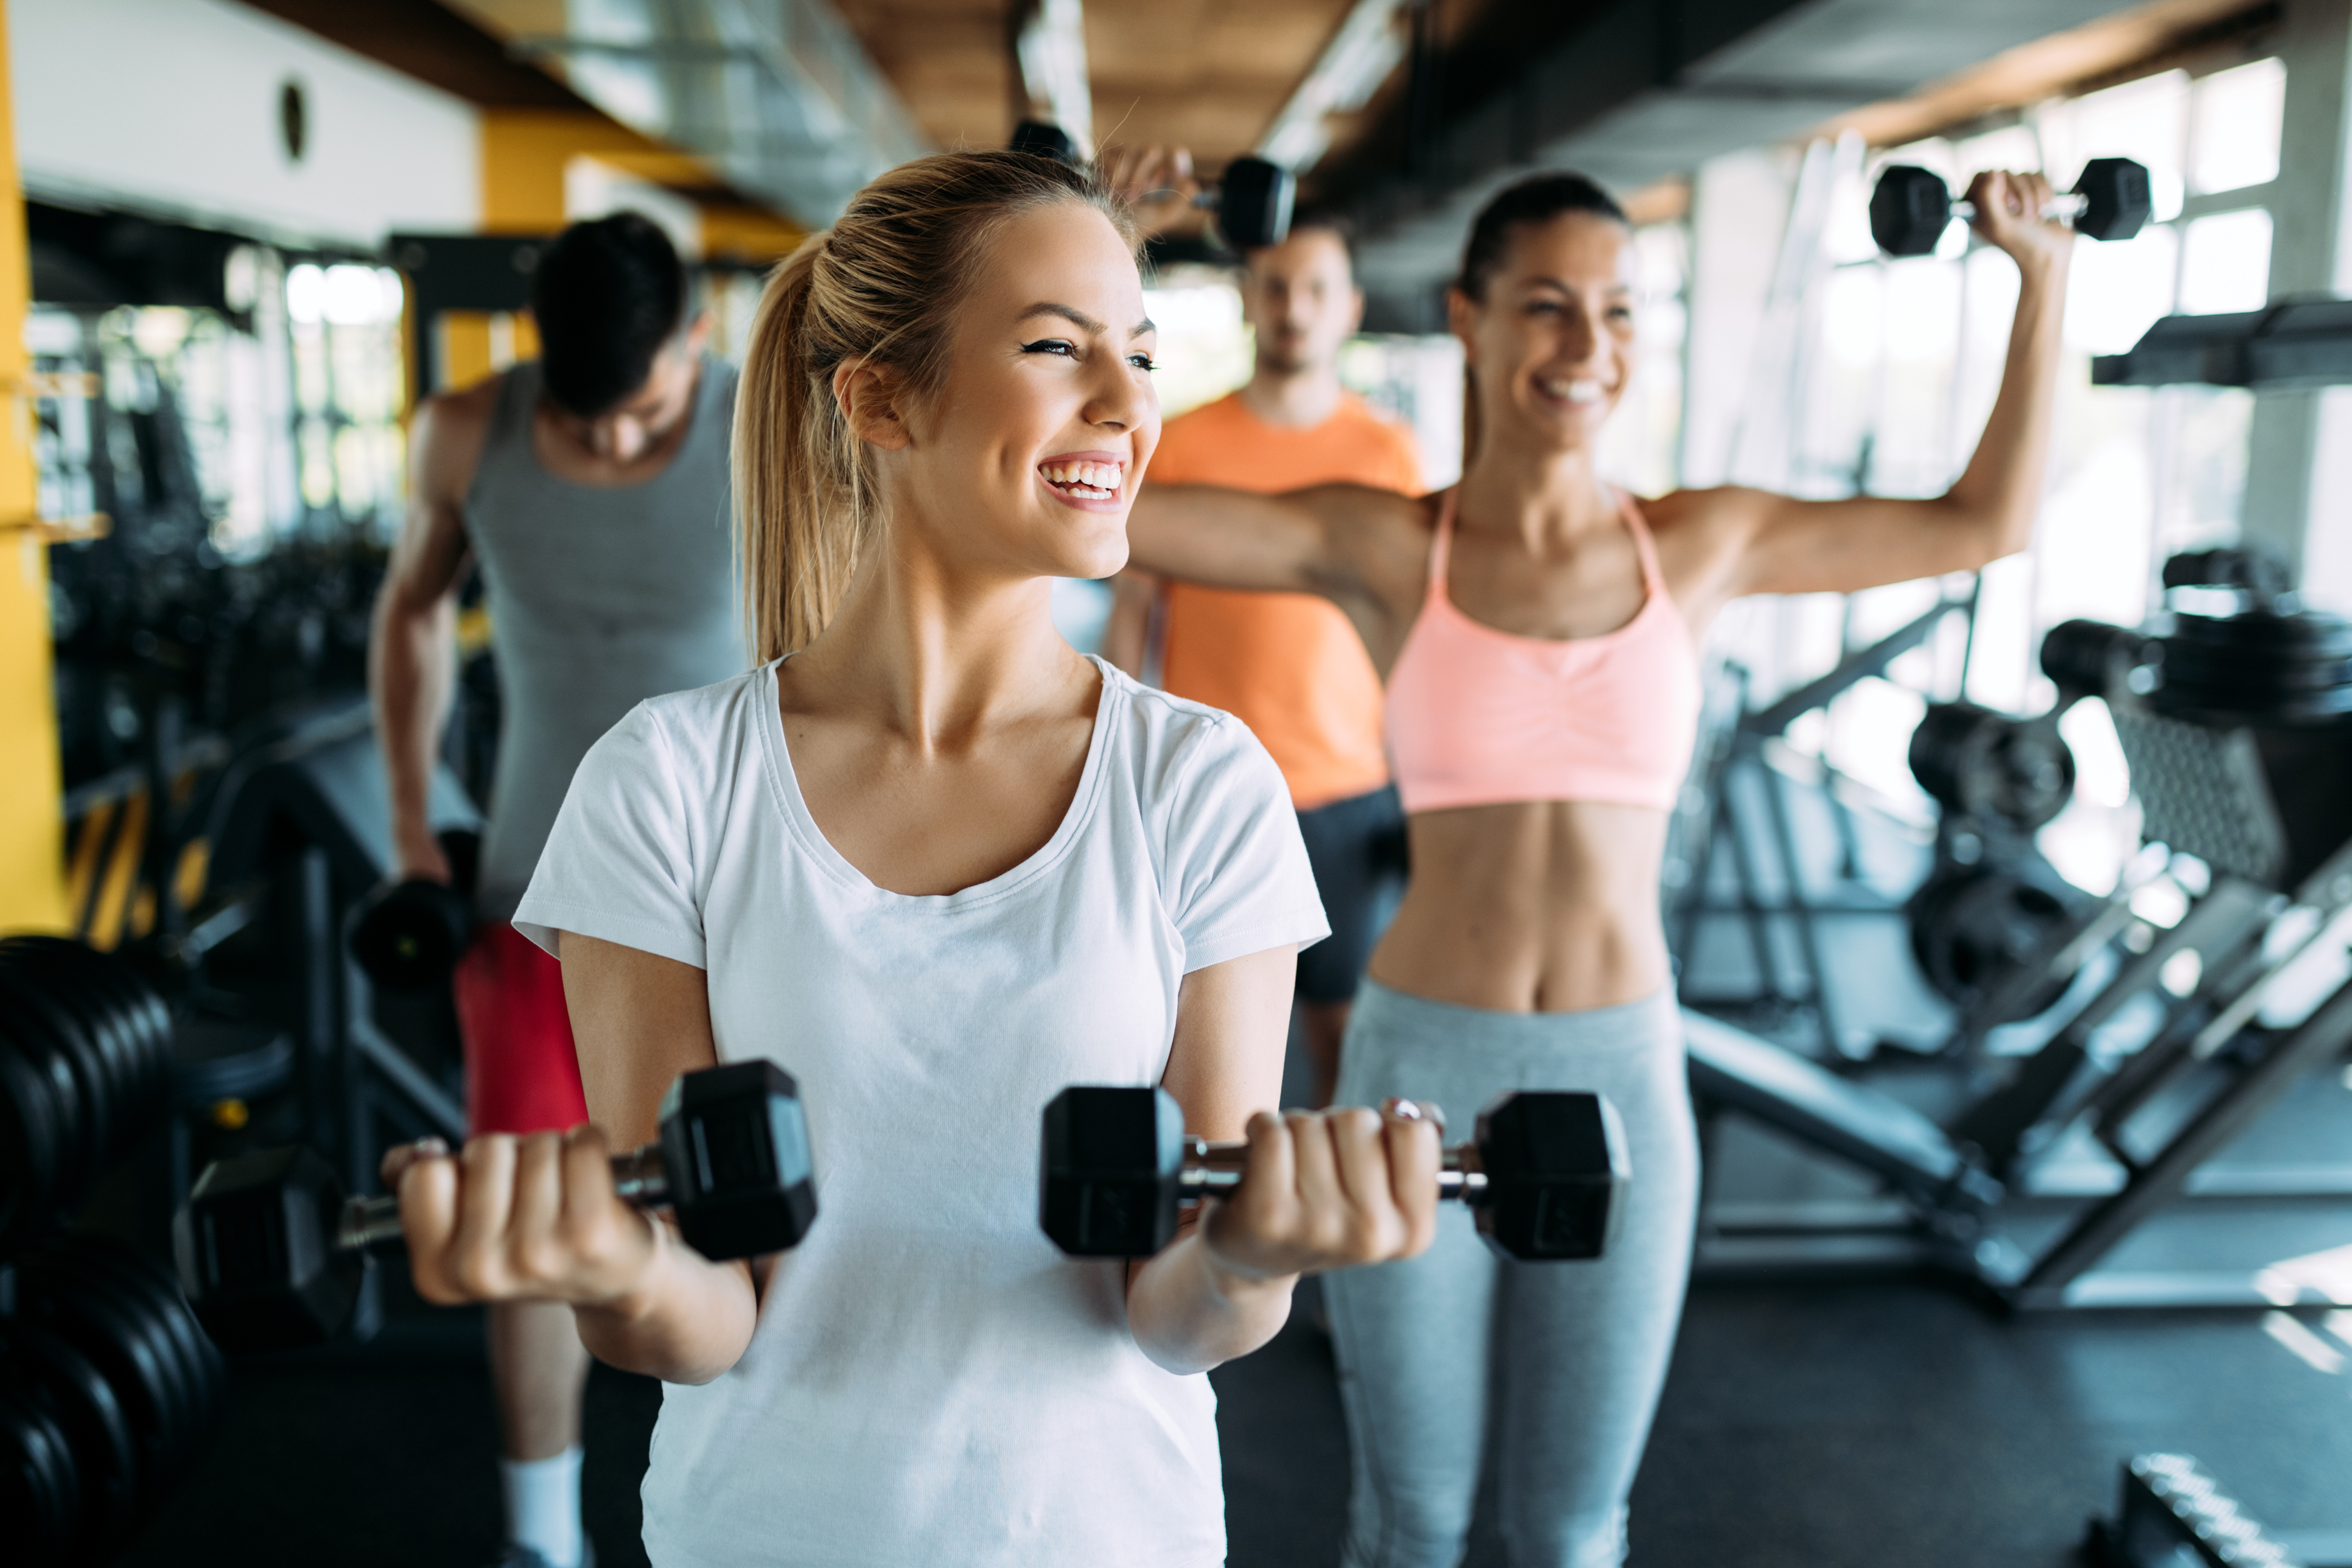 Super-тренд: чому жінки підсіли на фітнес-тури і навіщо вони потрібні